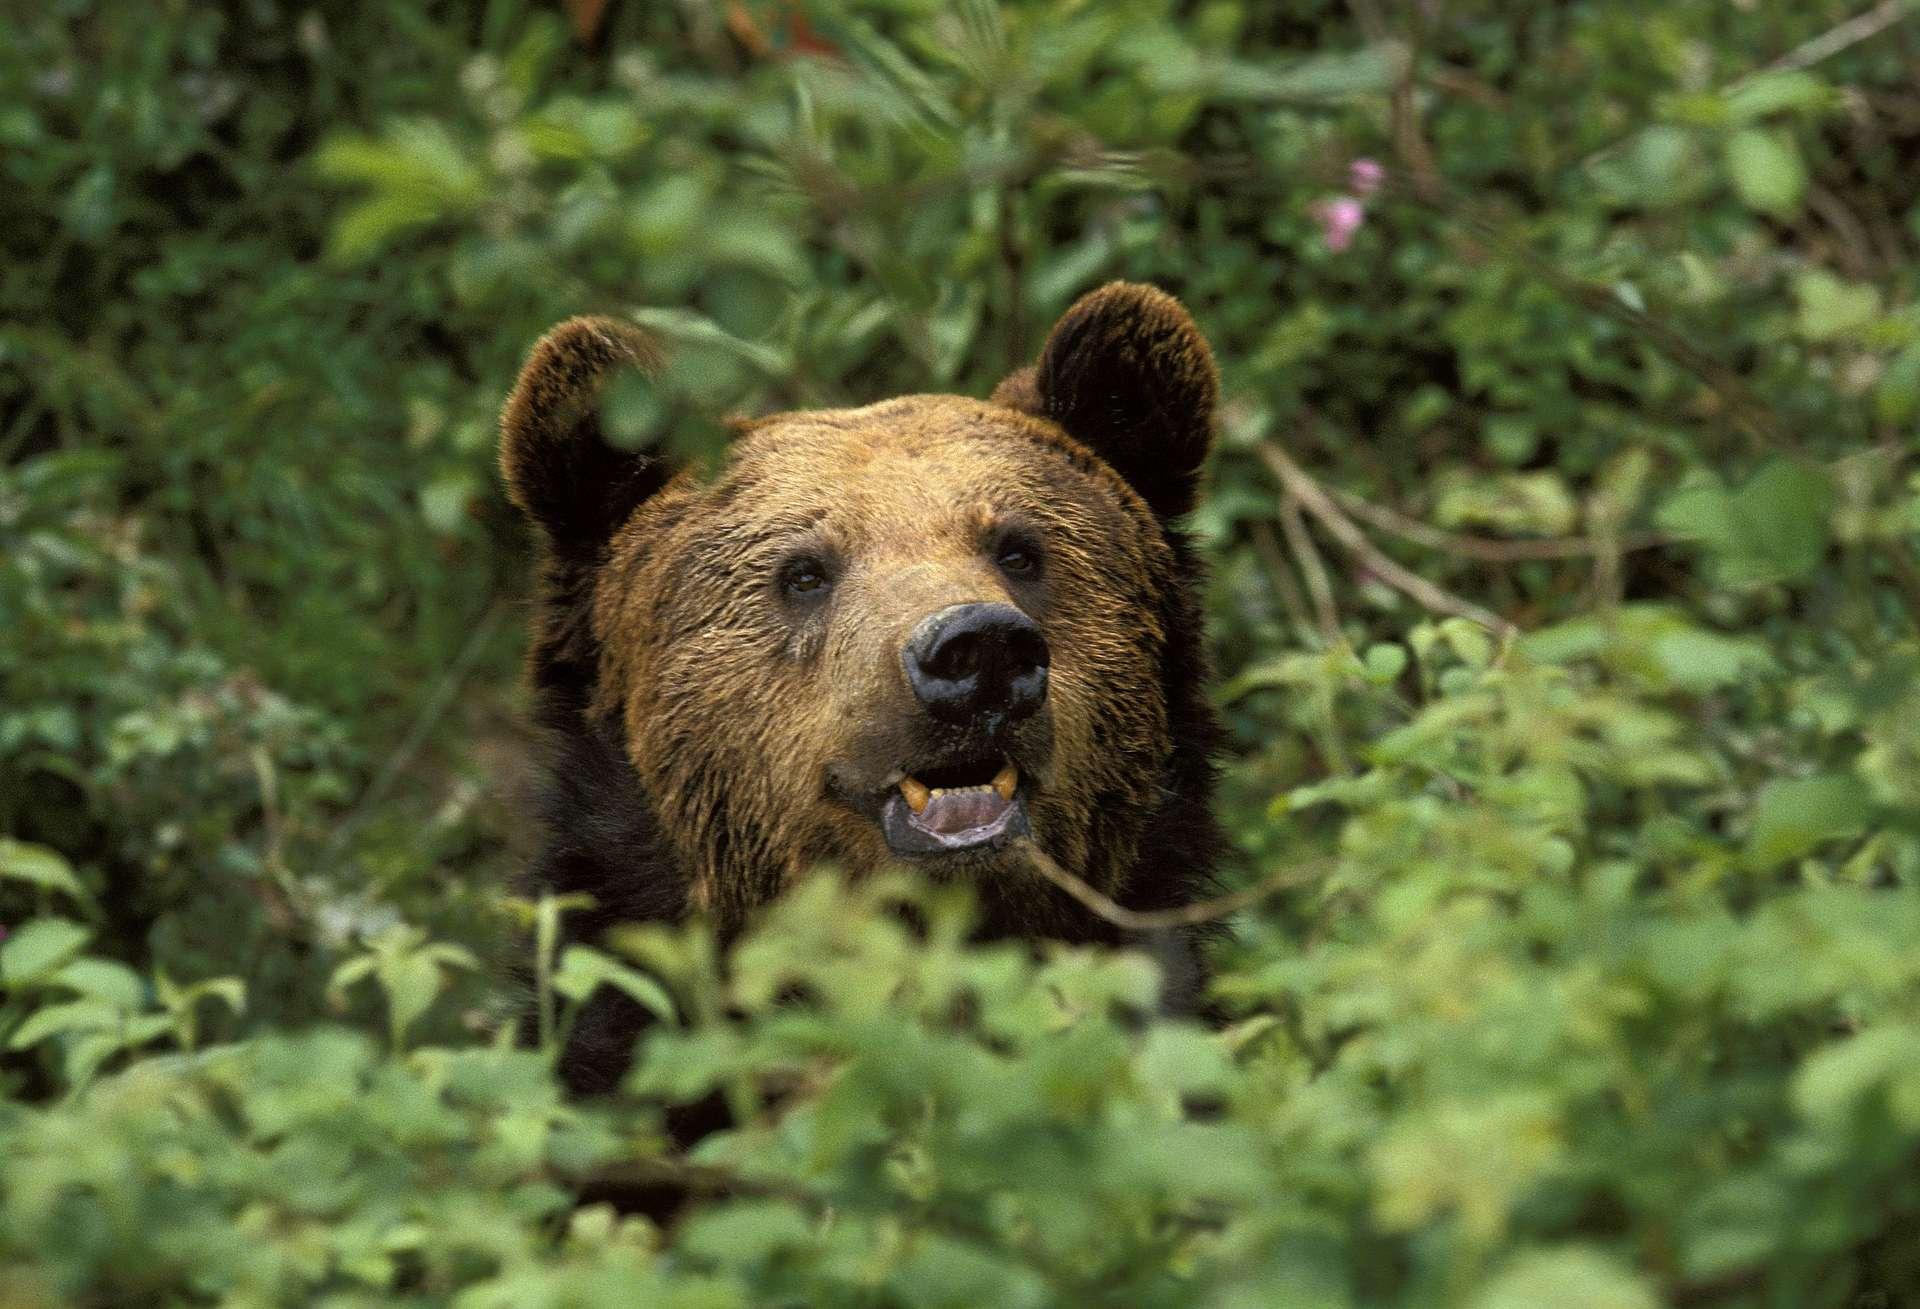 L'ours brun, qui peut vivre jusqu'à 30 voire 40 ans, se plaît particulièrement dans les forêts boréales ou les massifs montagneux. © Slowmotiongli, Adobe Stock